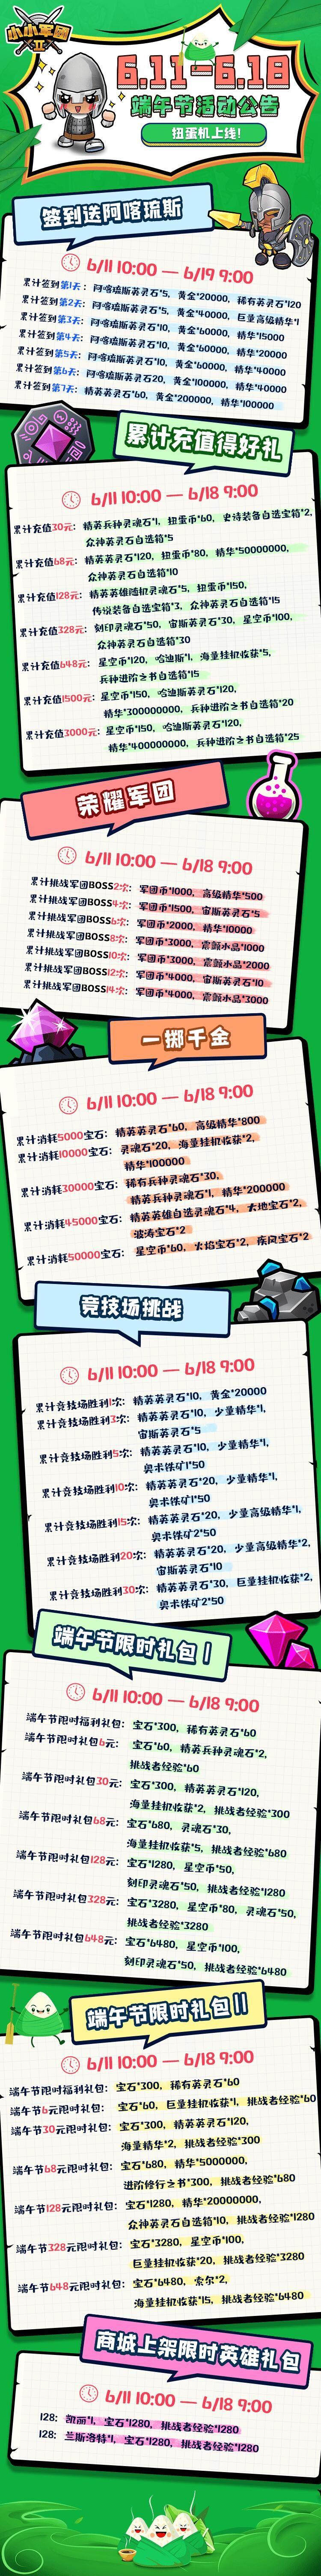 【帕诺普巡查报告-6.11活动更新&维护预告!】